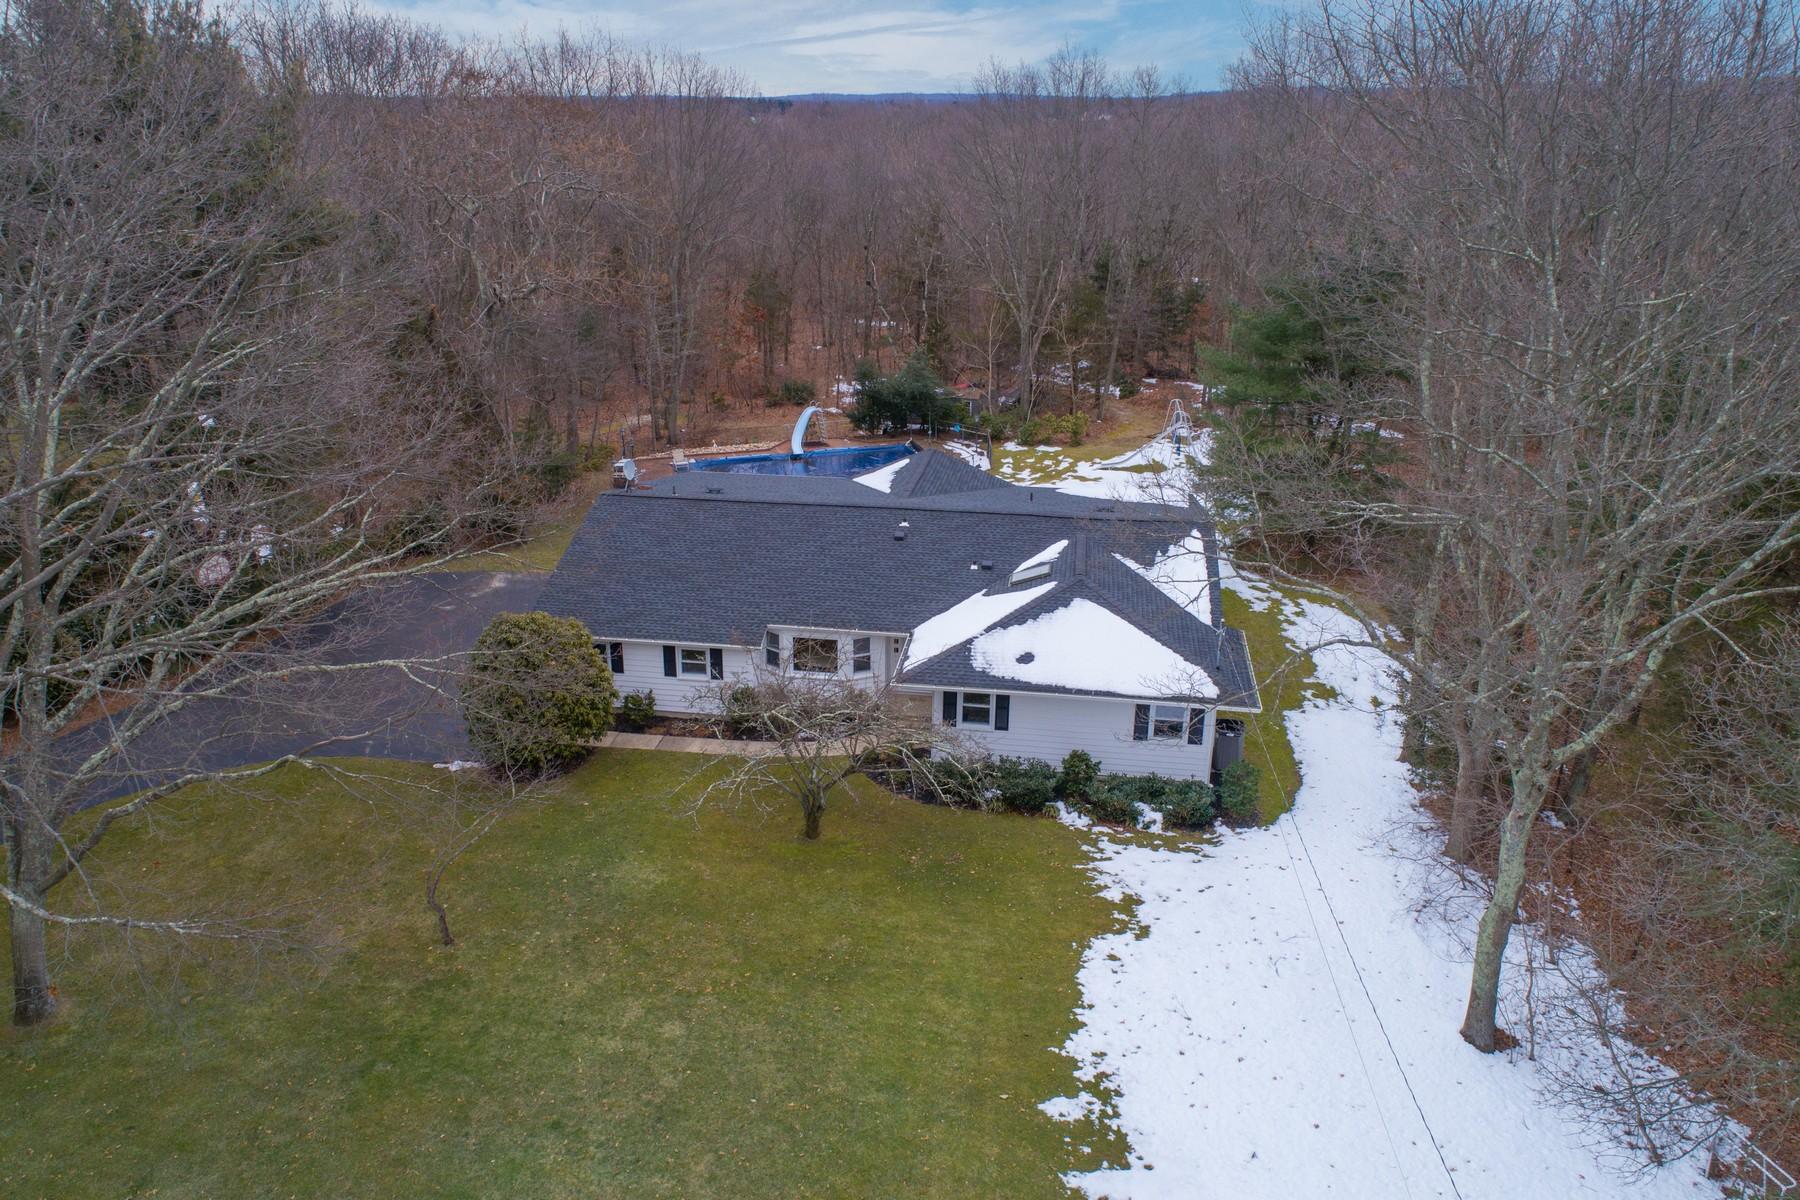 独户住宅 为 销售 在 225 Laurel Ln , Laurel Hollow, NY 11791 225 Laurel Ln, Laurel Hollow, 纽约州, 11791 美国